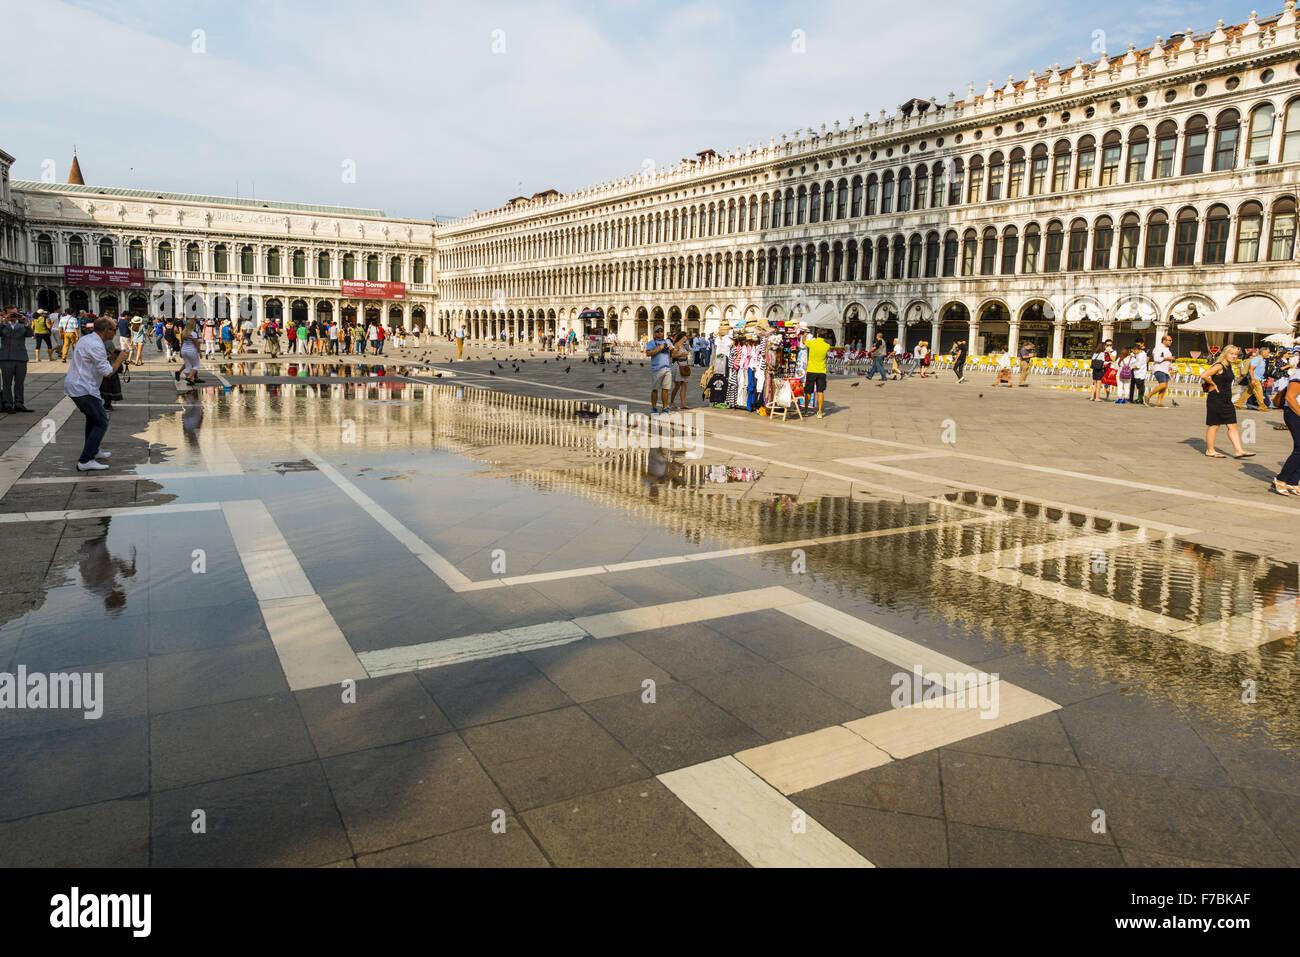 Parzialmente allagata Piazza San Marco, Venezia, Veneto, Italia Immagini Stock